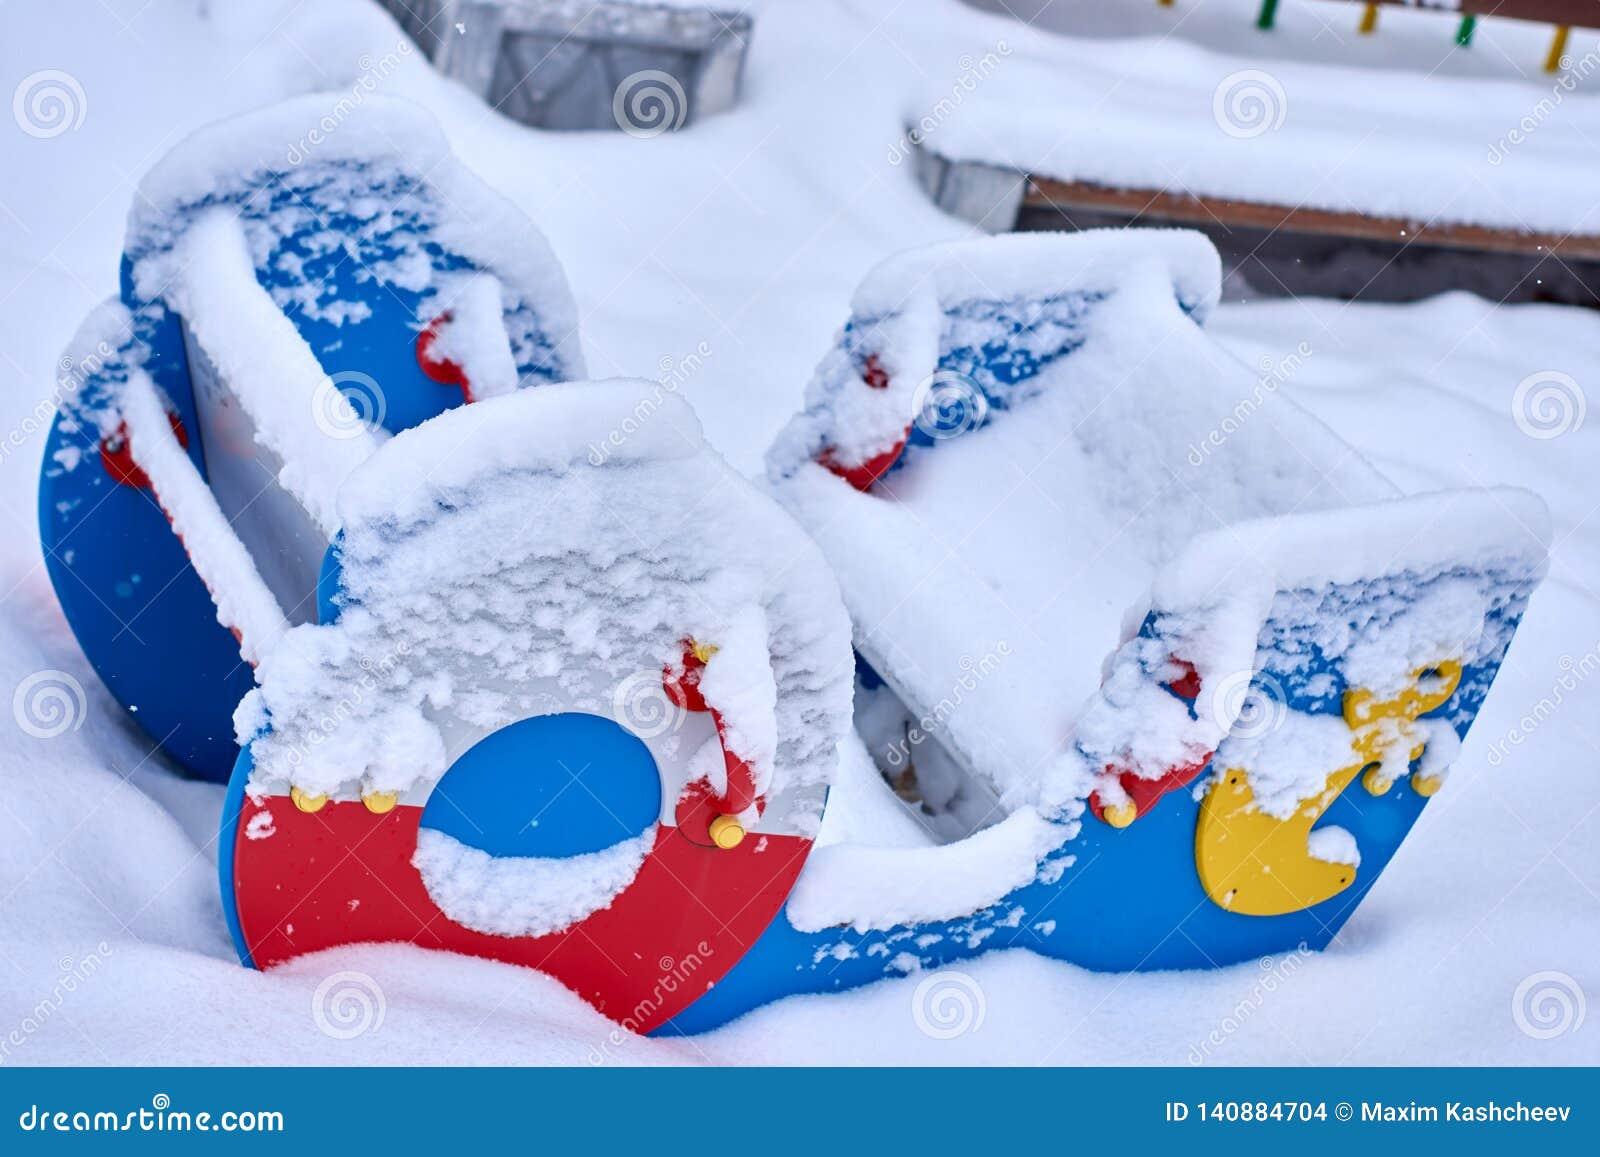 Stäng sig upp av en snö täckt fartyget formad gungbräde för att vackla för att stappla i en barnlek parkerar under den kalla vint